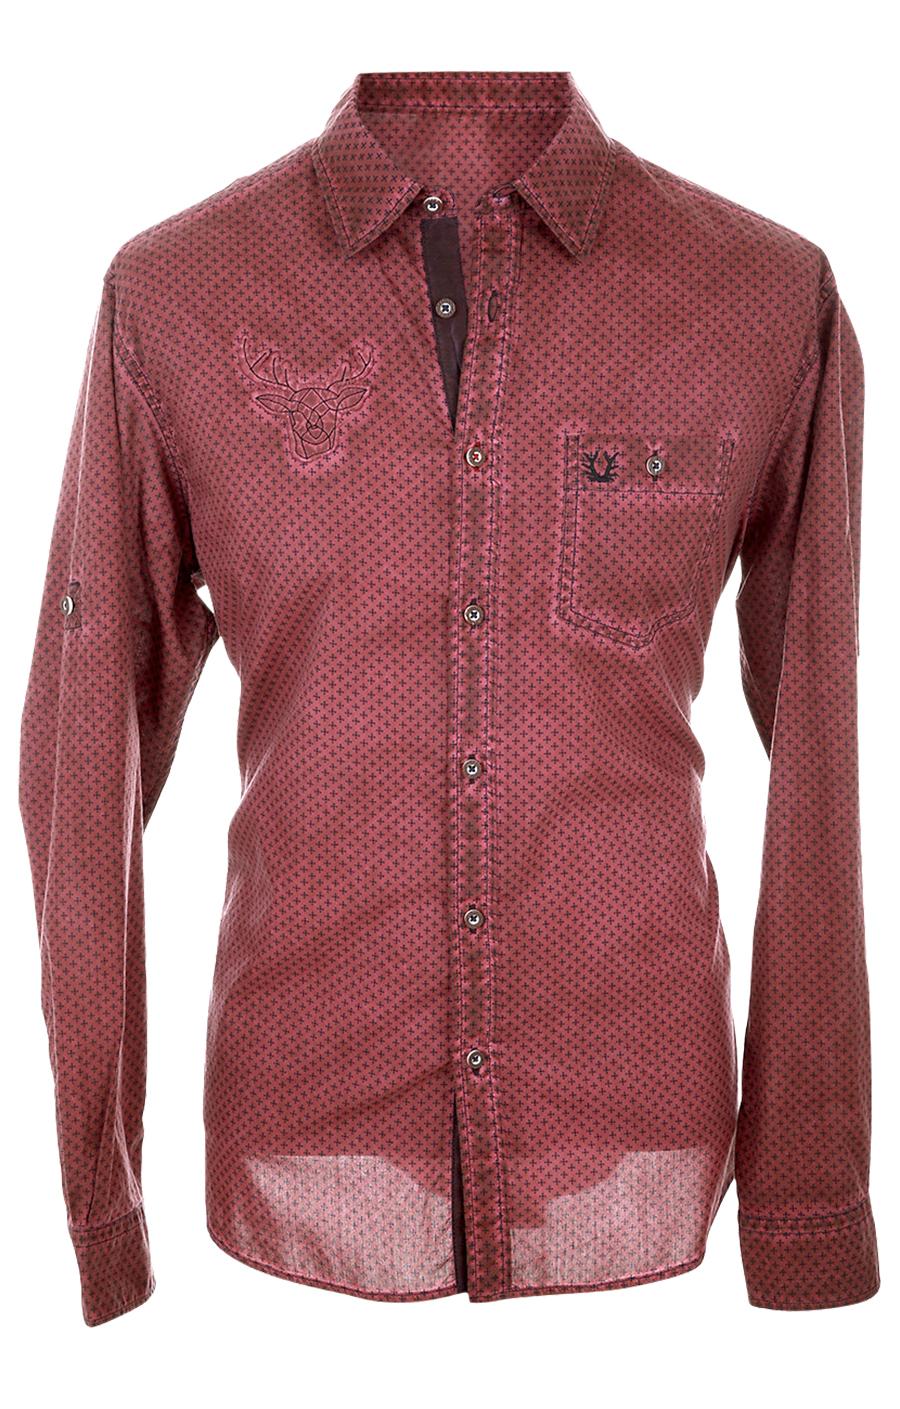 weitere Bilder von Trachtenhemd Langarm KONSTANTIN rot